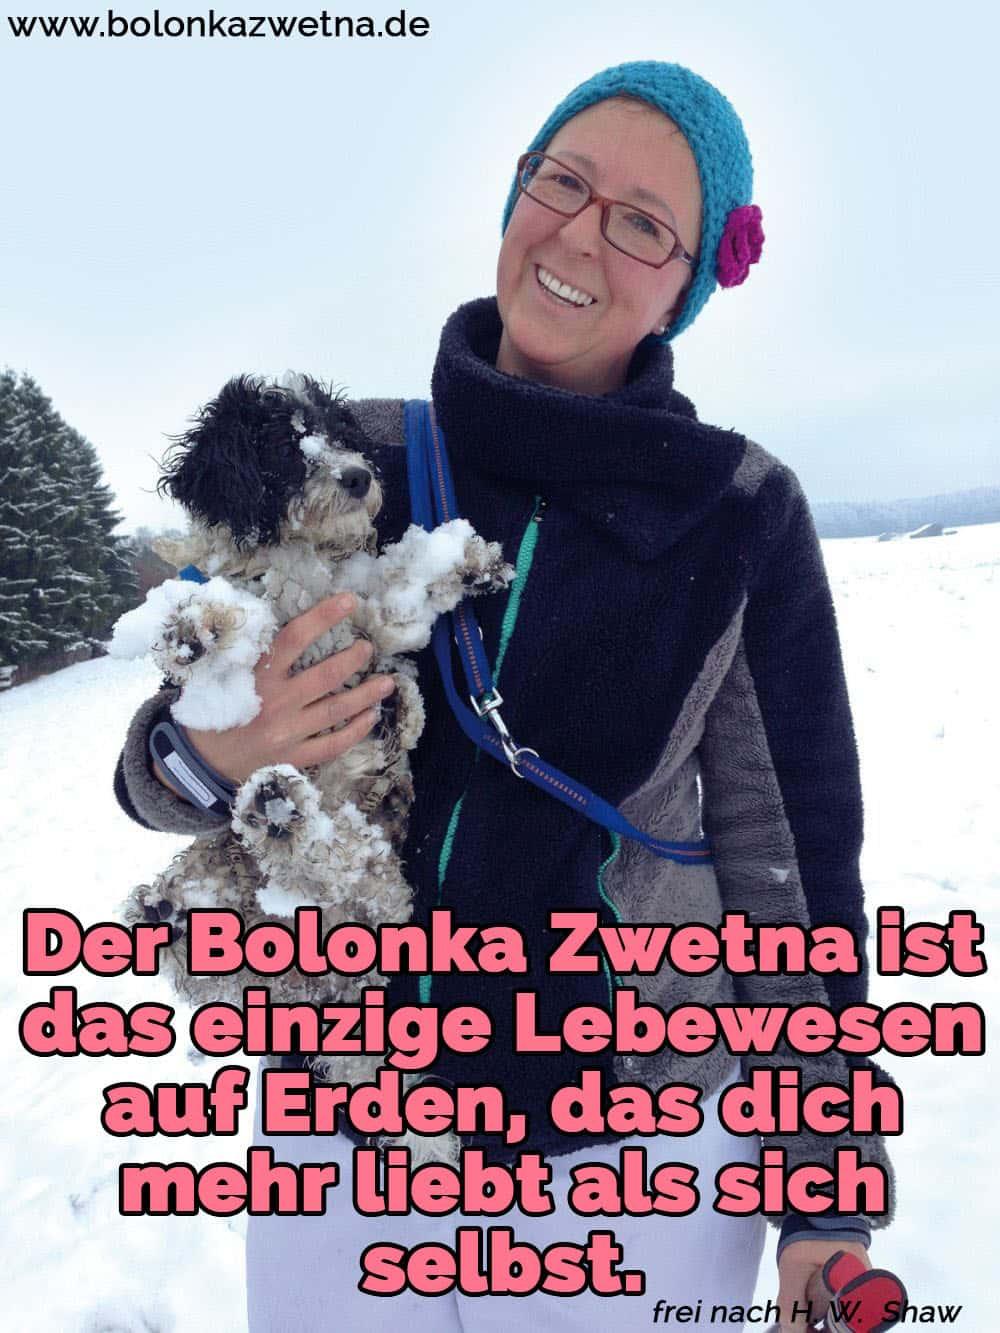 Eine Frau hält ihren Bolonka Zwetna im Schnee